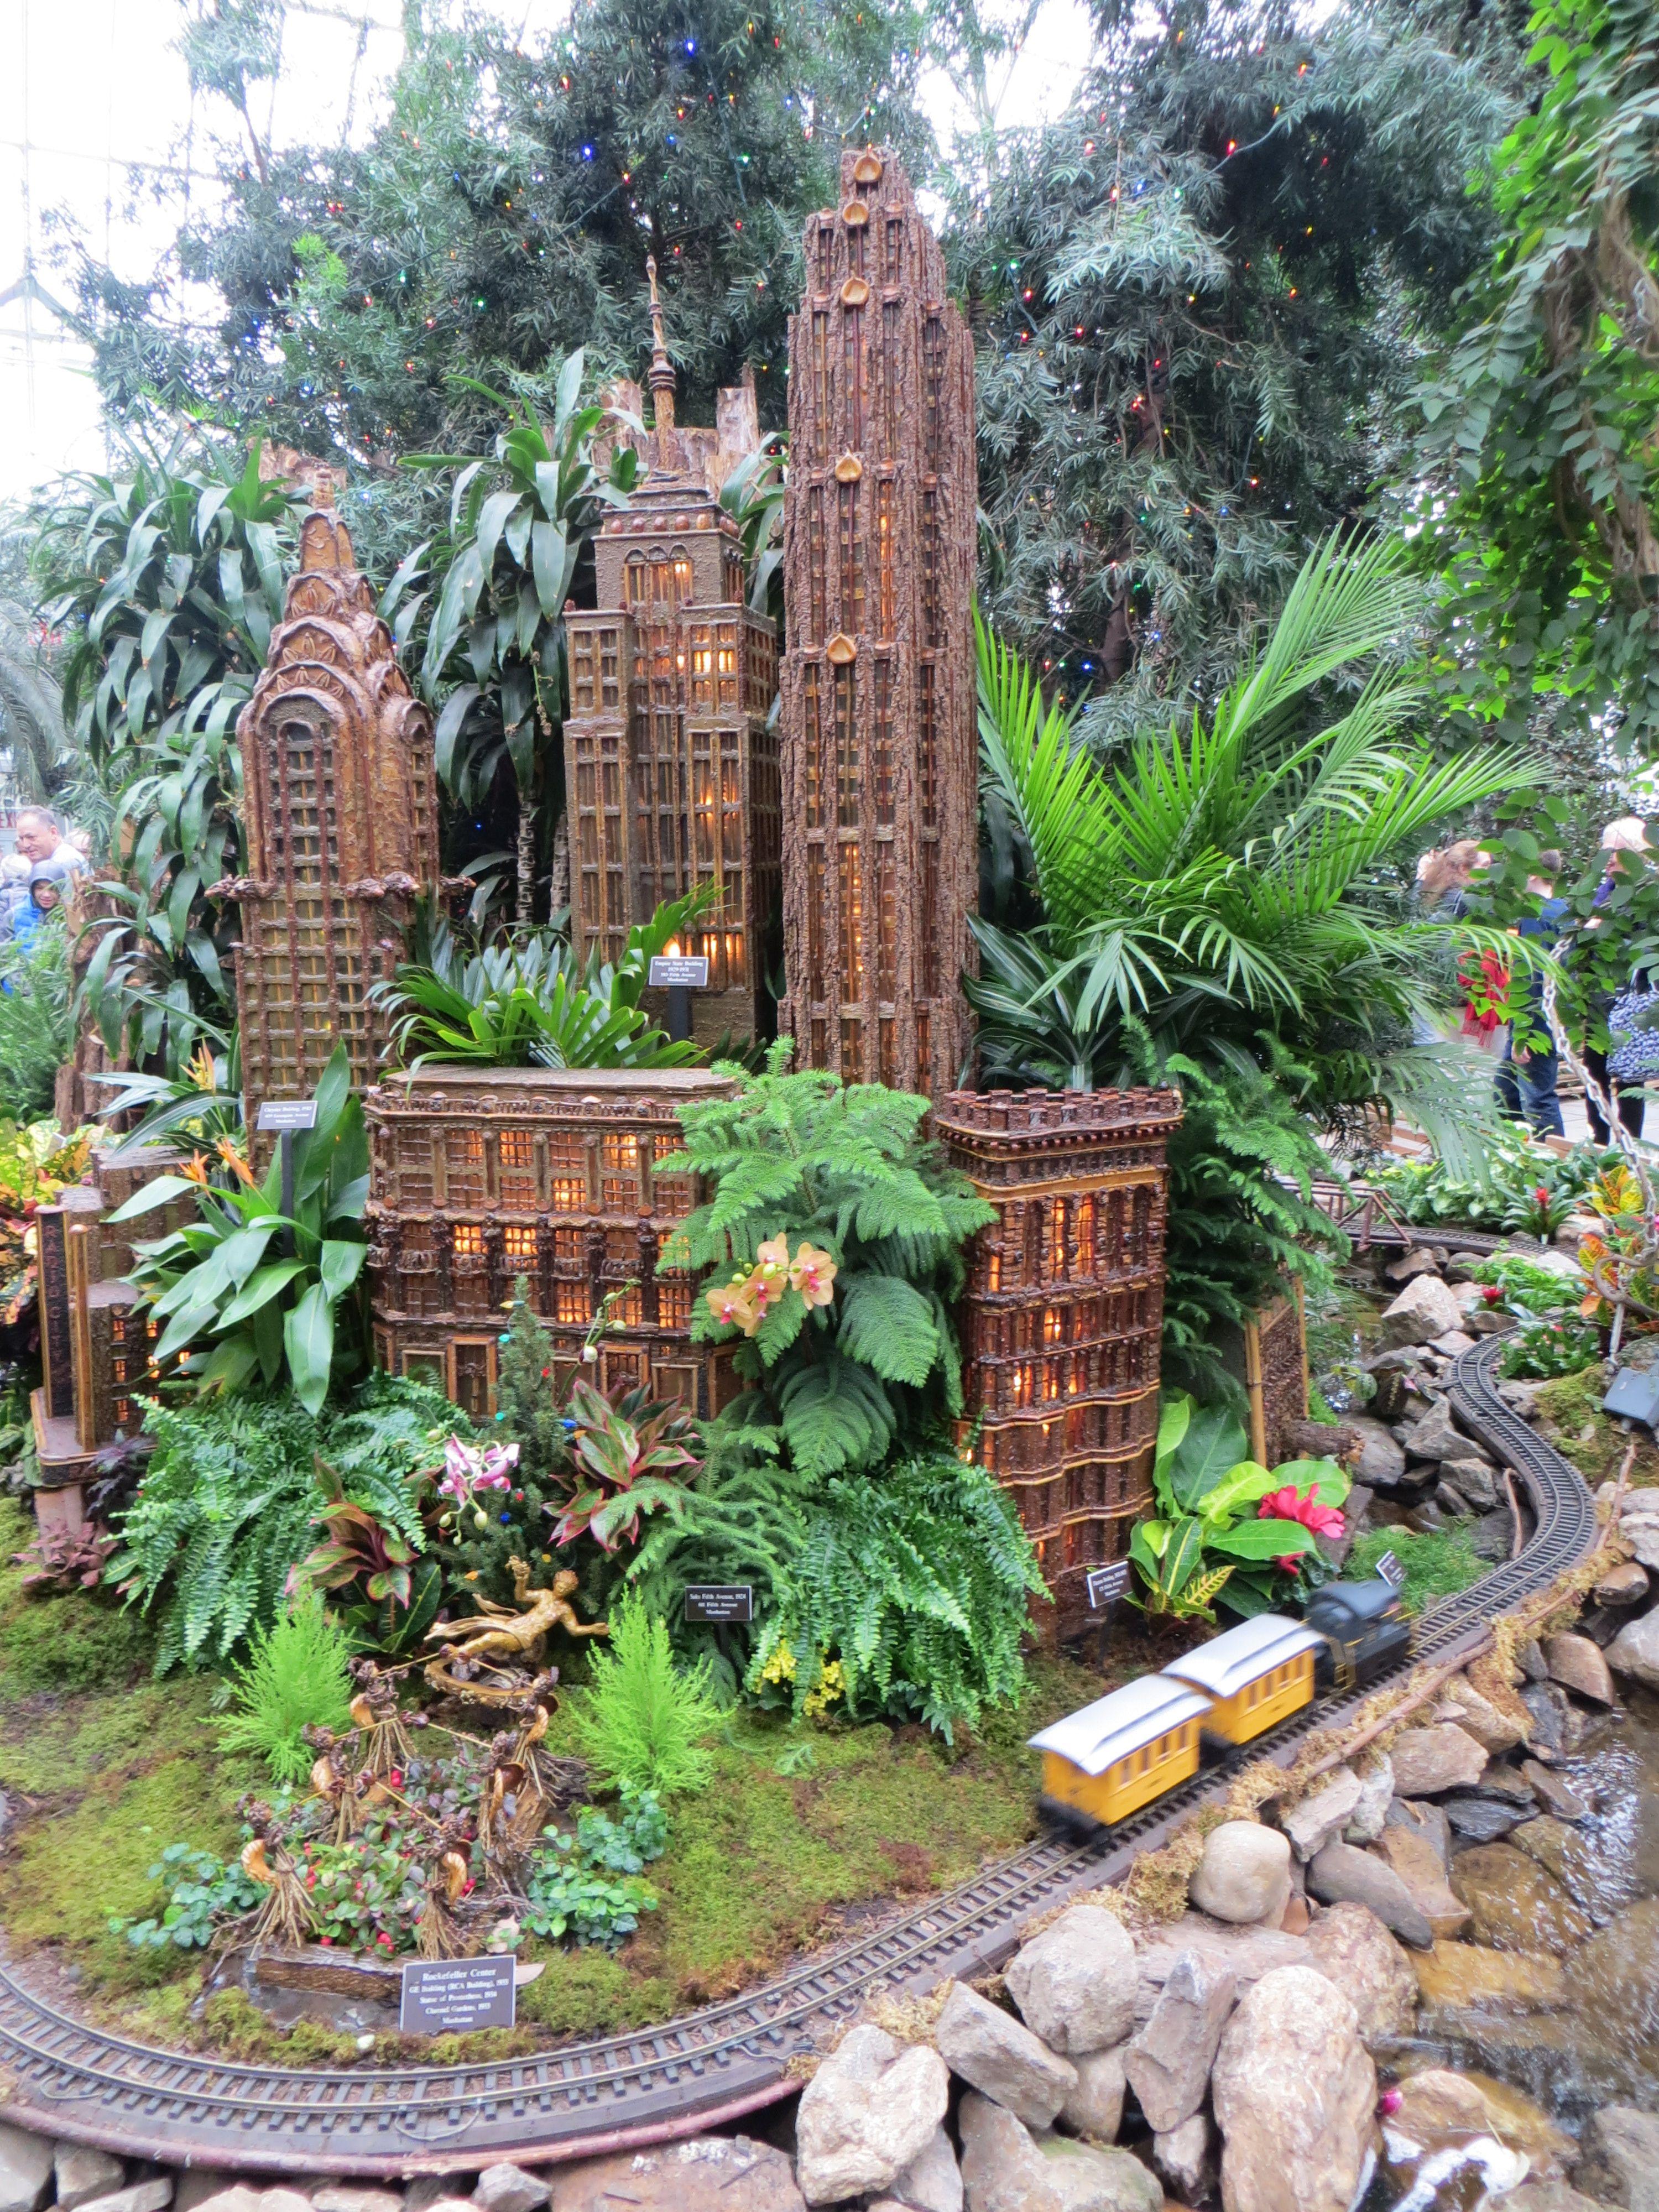 39dac4cfc122854519732106a4e50b39 - Holiday Train Show Ny Botanical Gardens